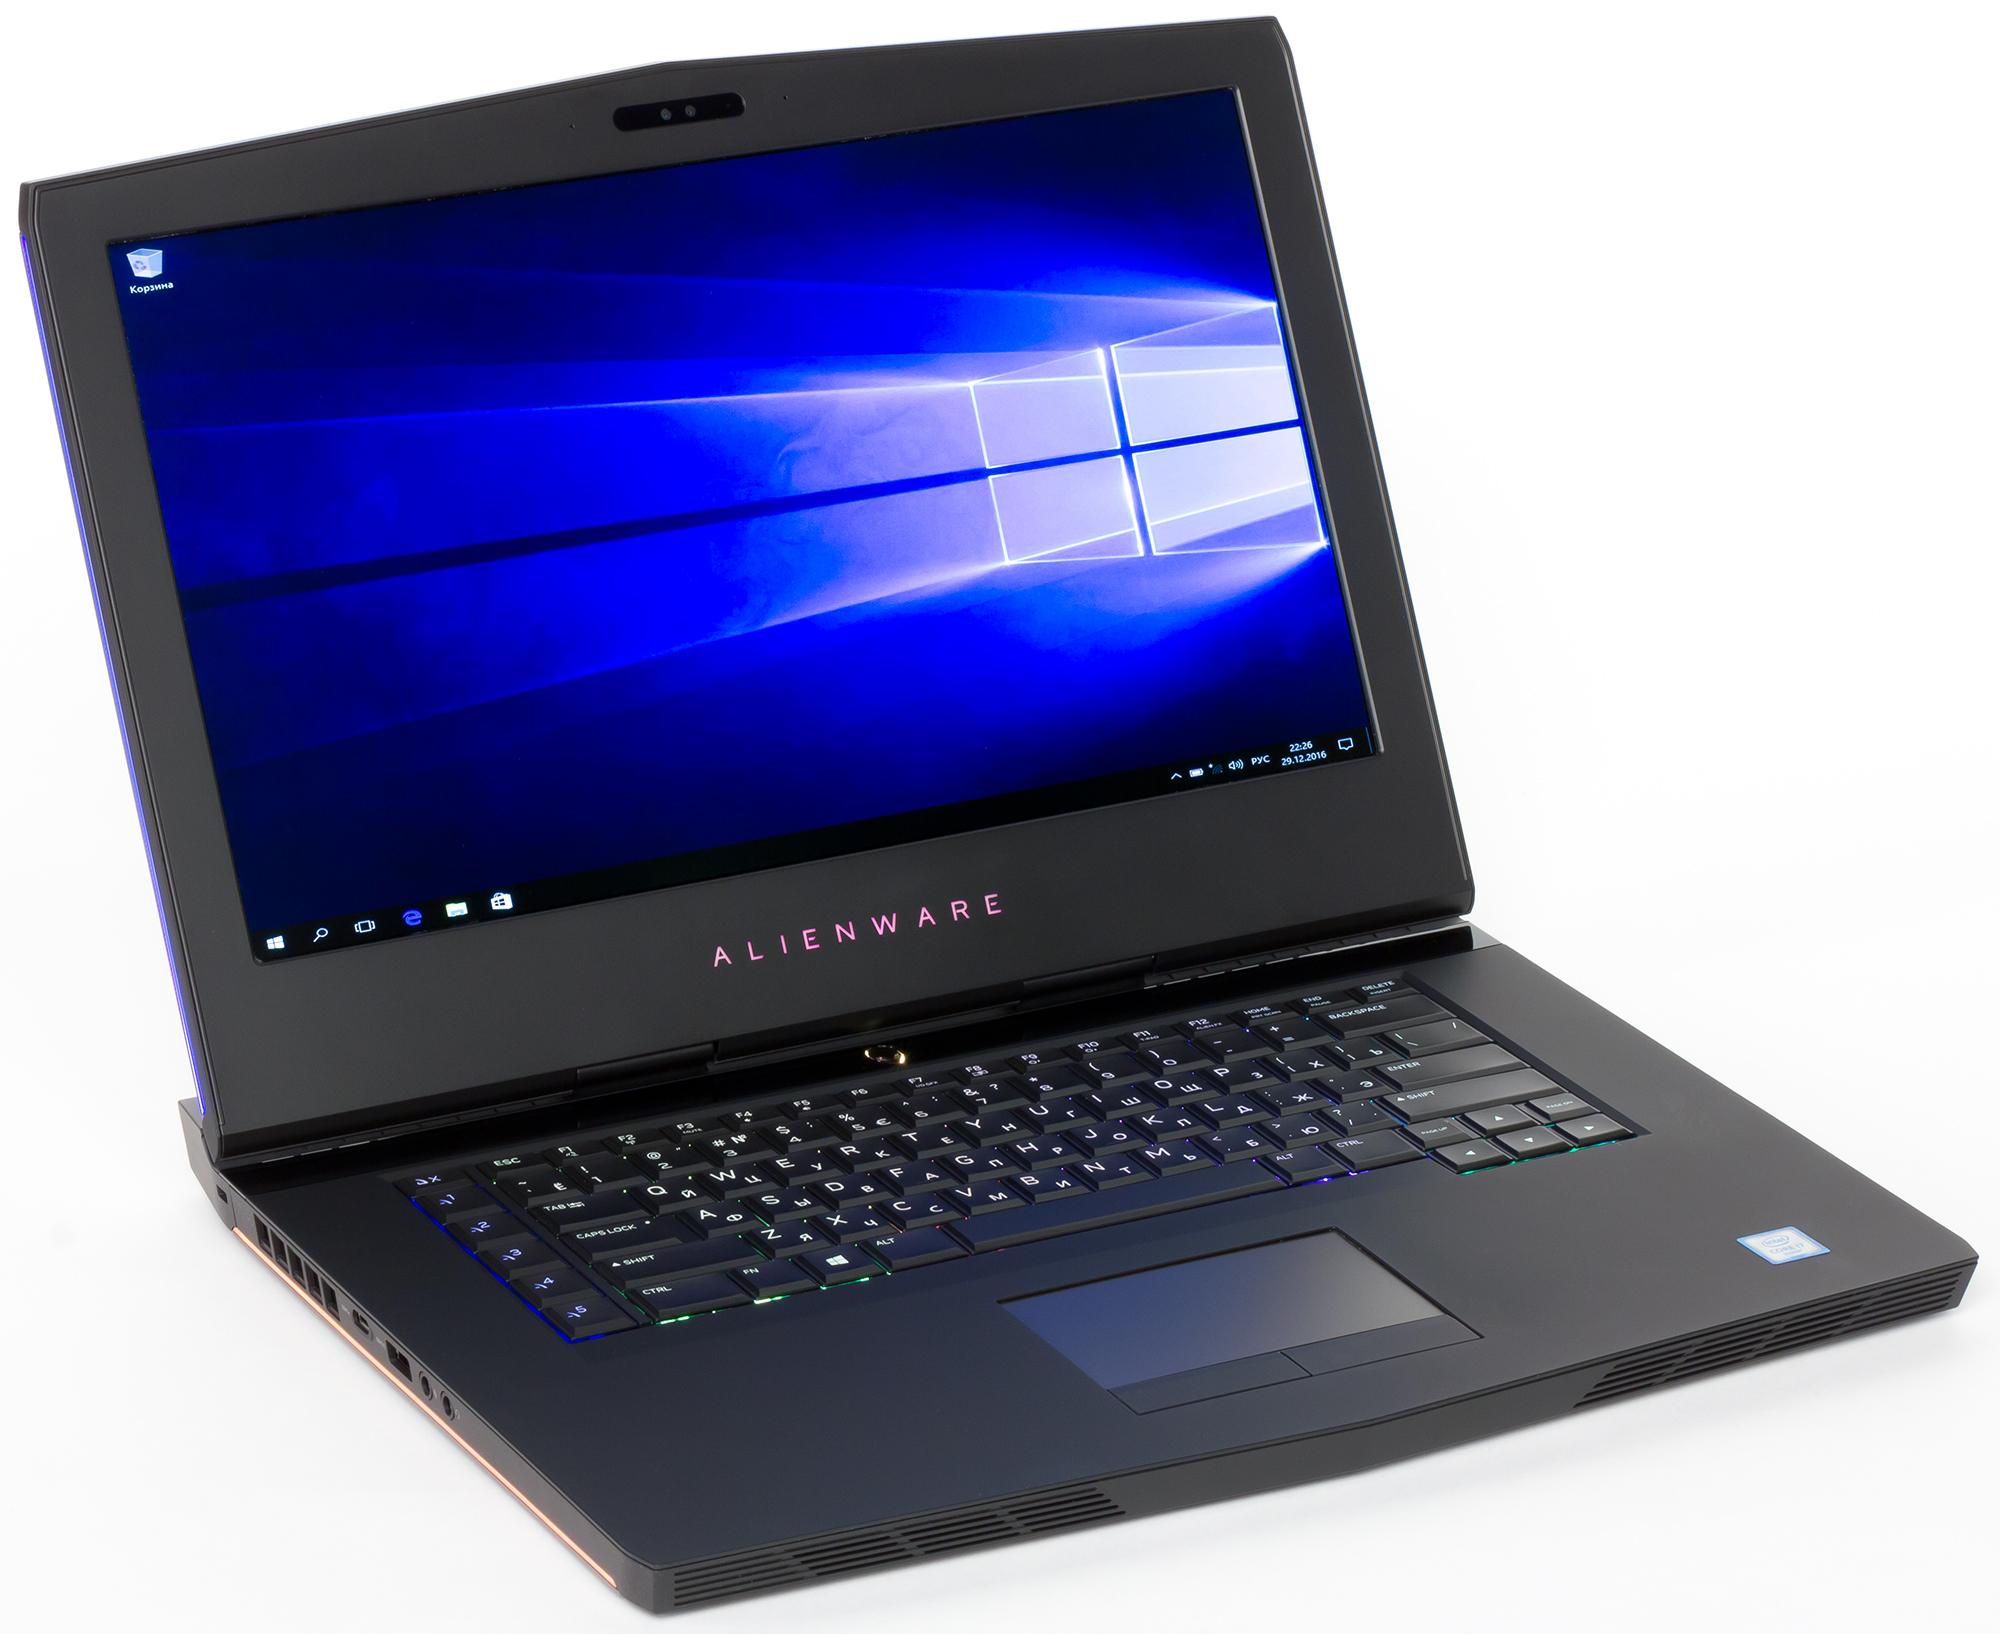 Dell Alienware 15 Logitech Keyboard/Mouse 64 Bit